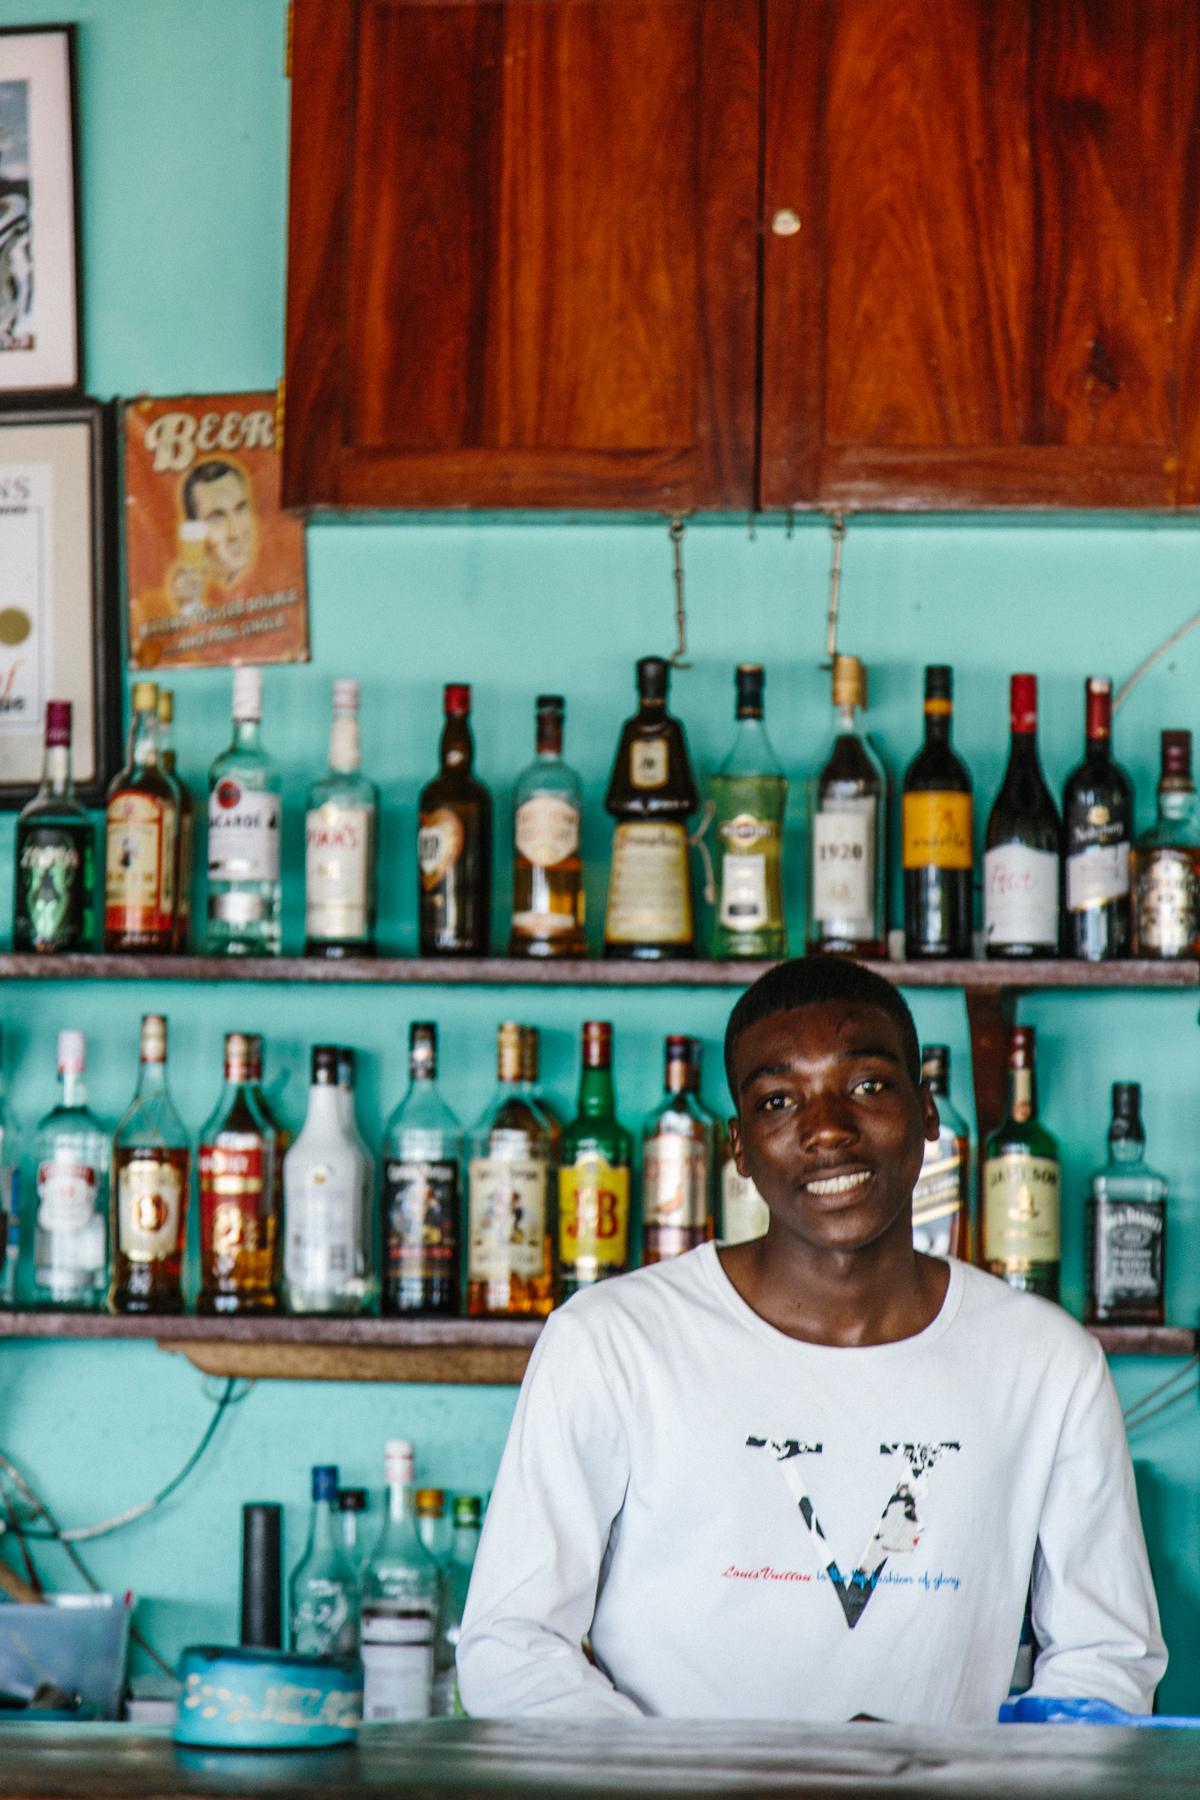 Spiritedpursuit_leelitumbe_mozambique-1-21.jpg